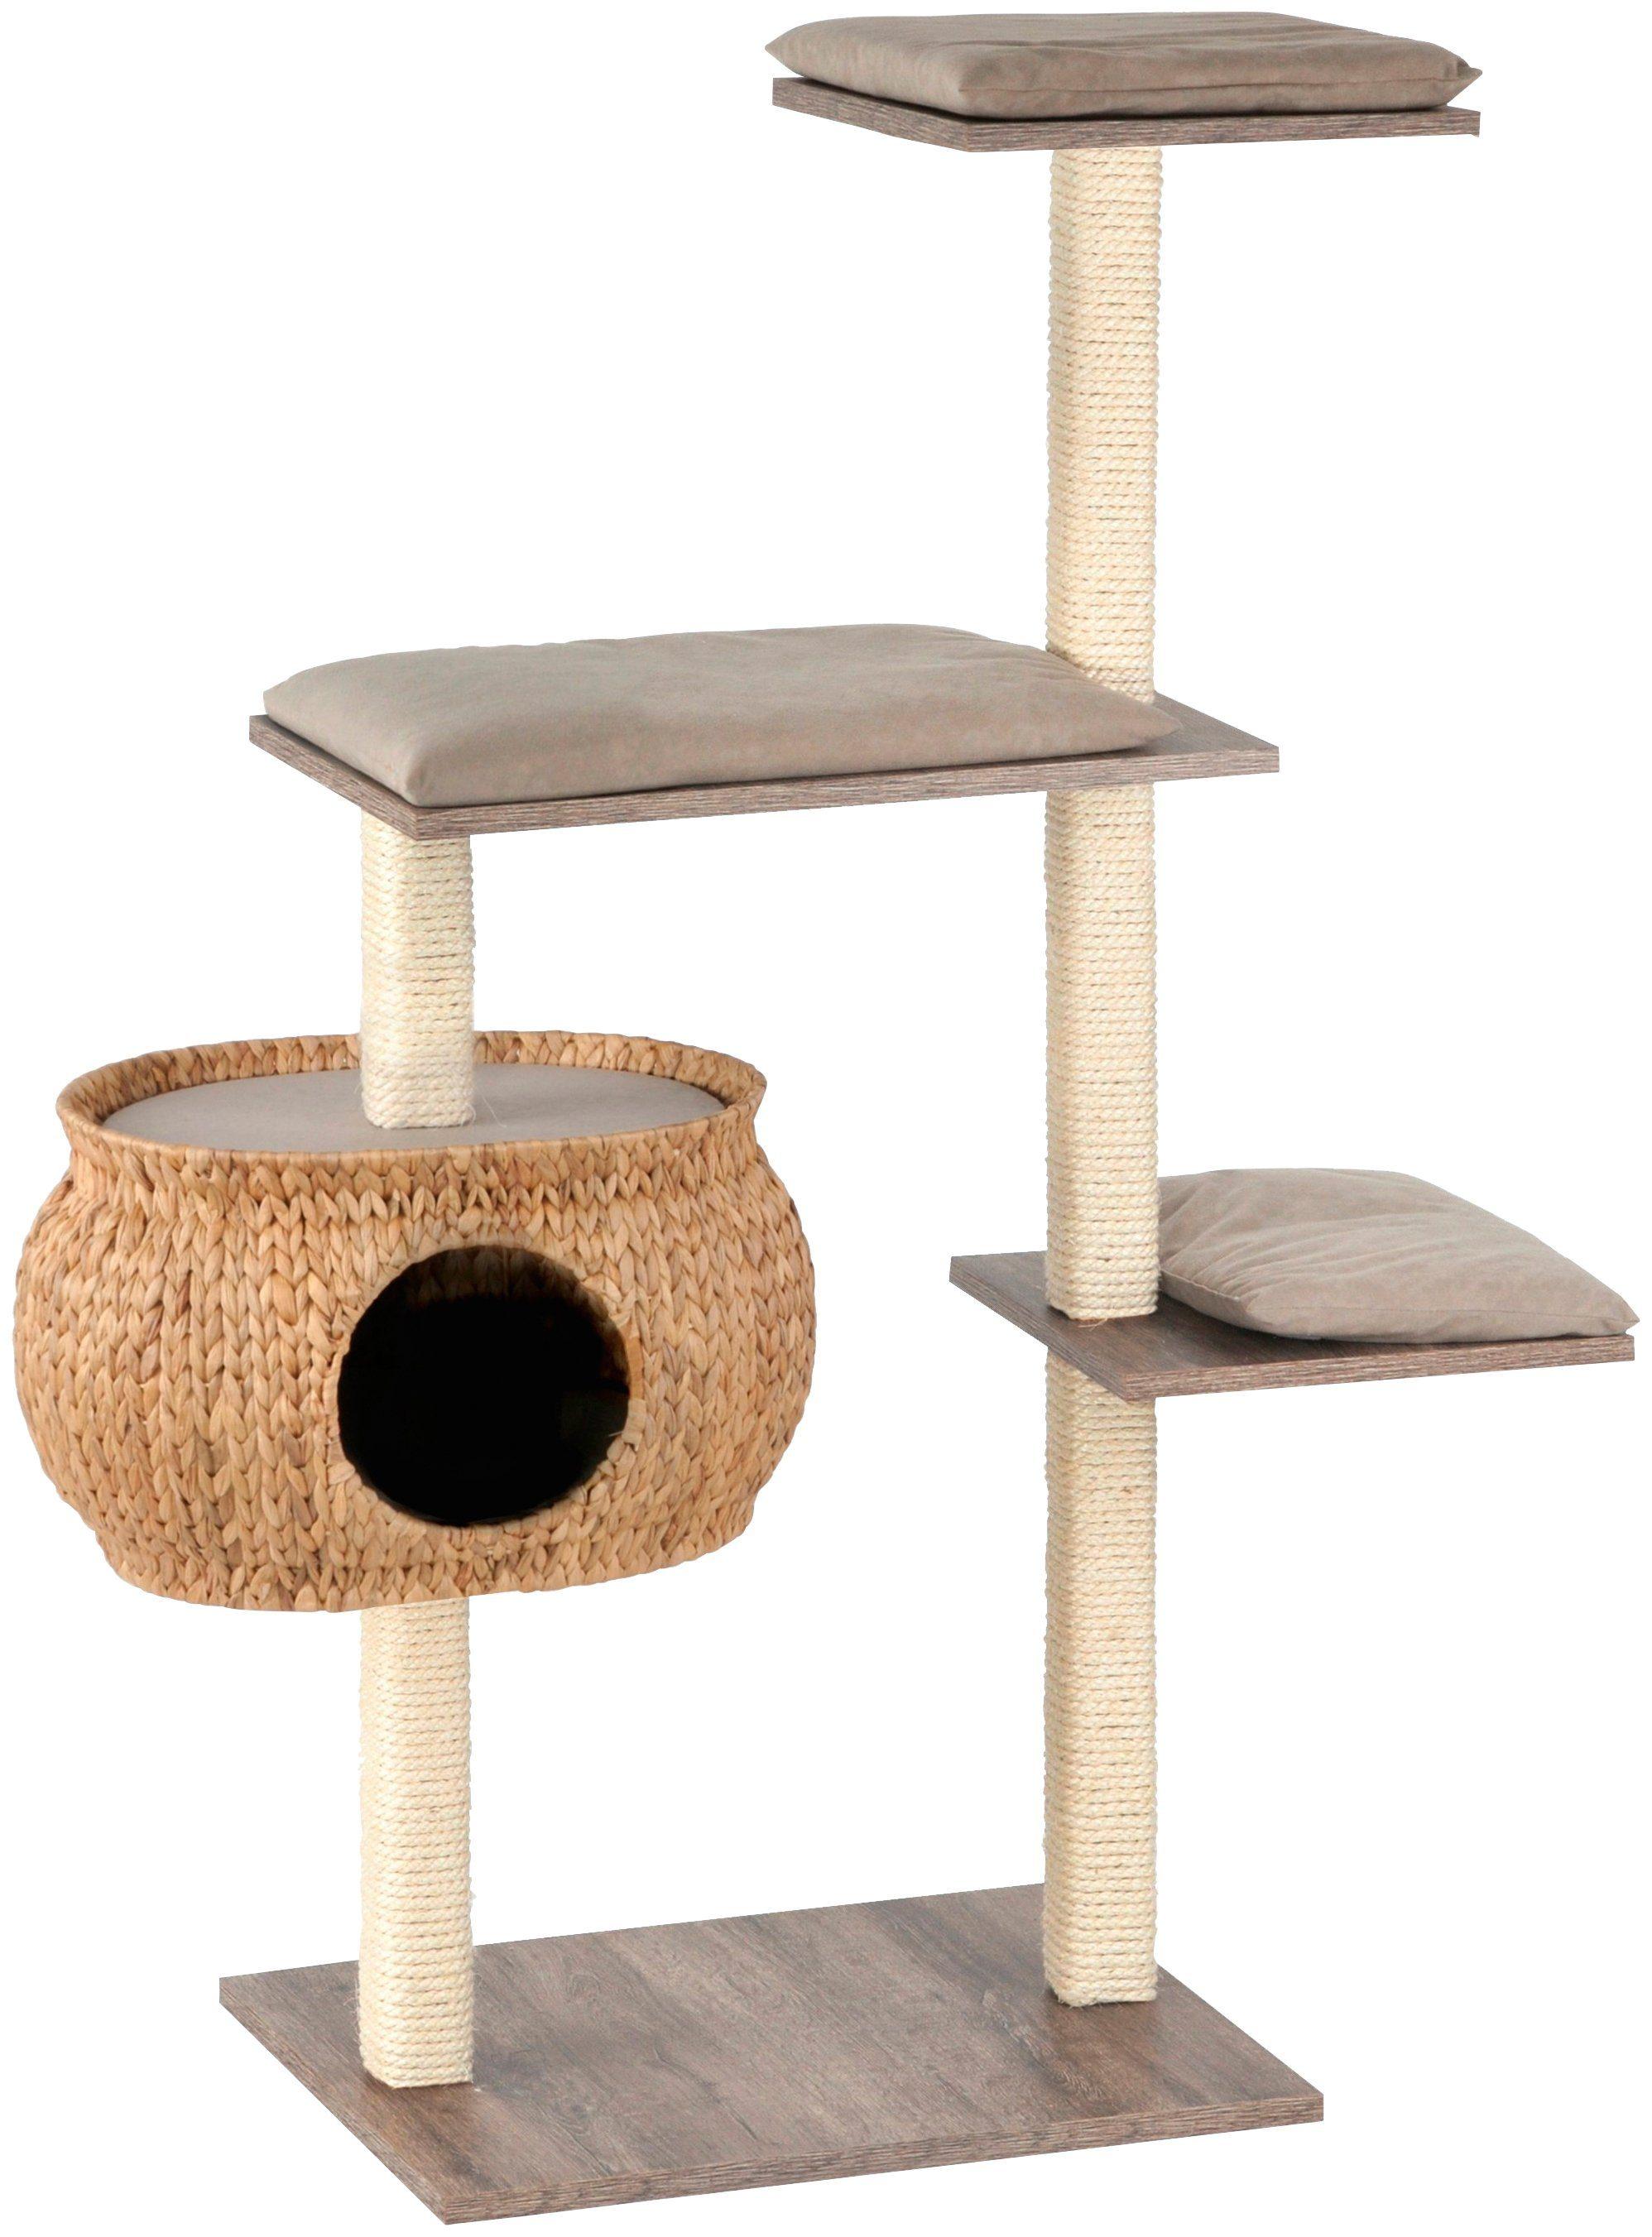 SILVIO DESIGN Kratzbaum »Katzenboy Cosy«, B/T/H: 40/115/130 cm, sanremodekor/sandfarben